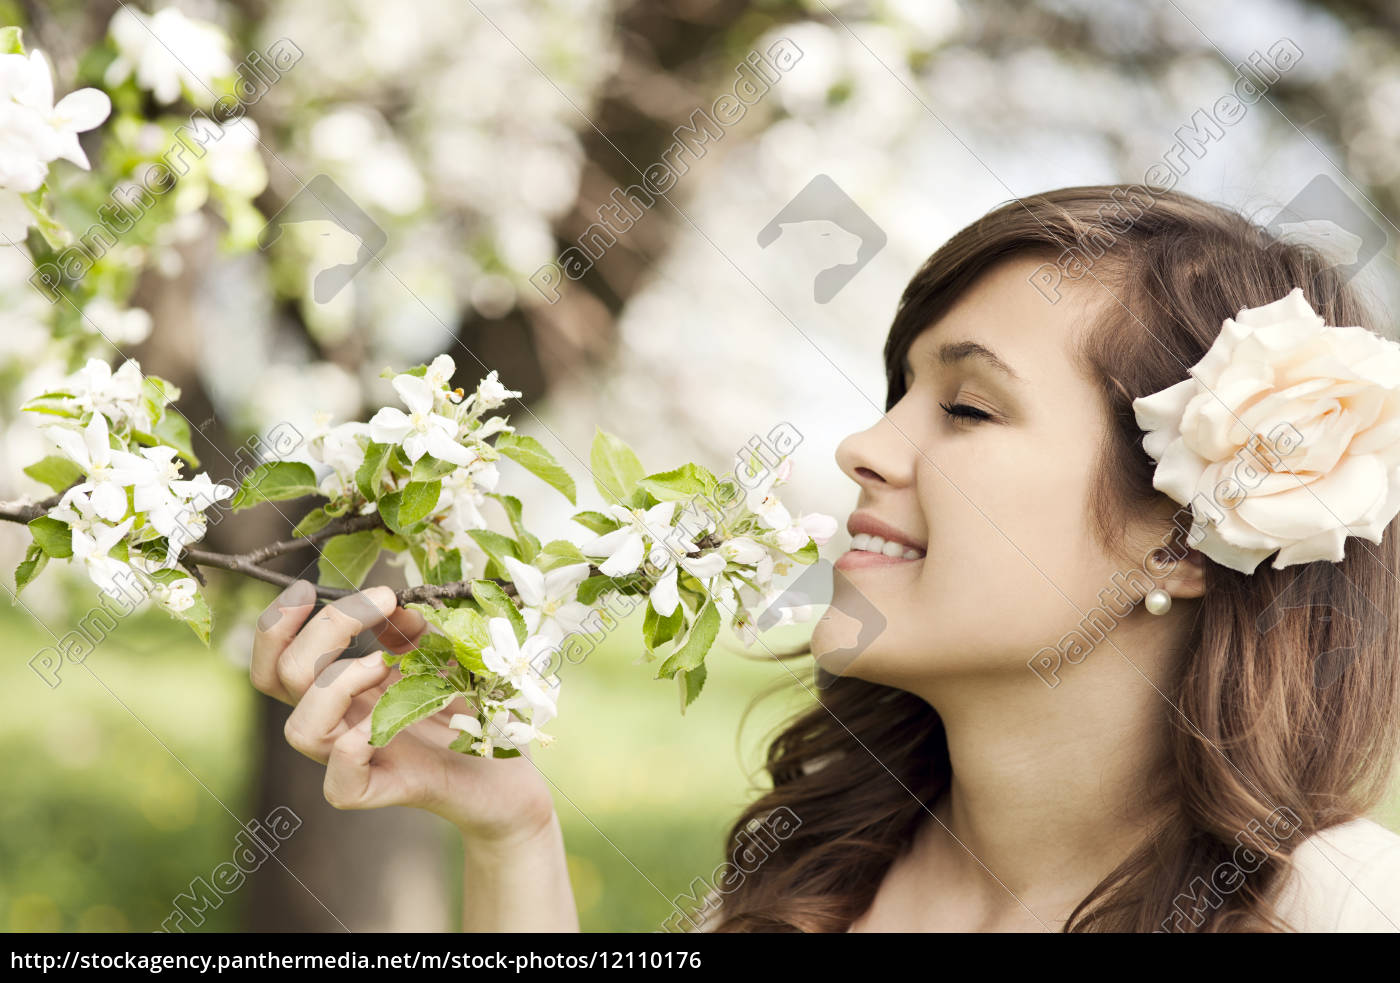 glückliche, junge, frau, genießt, den, duft - 12110176